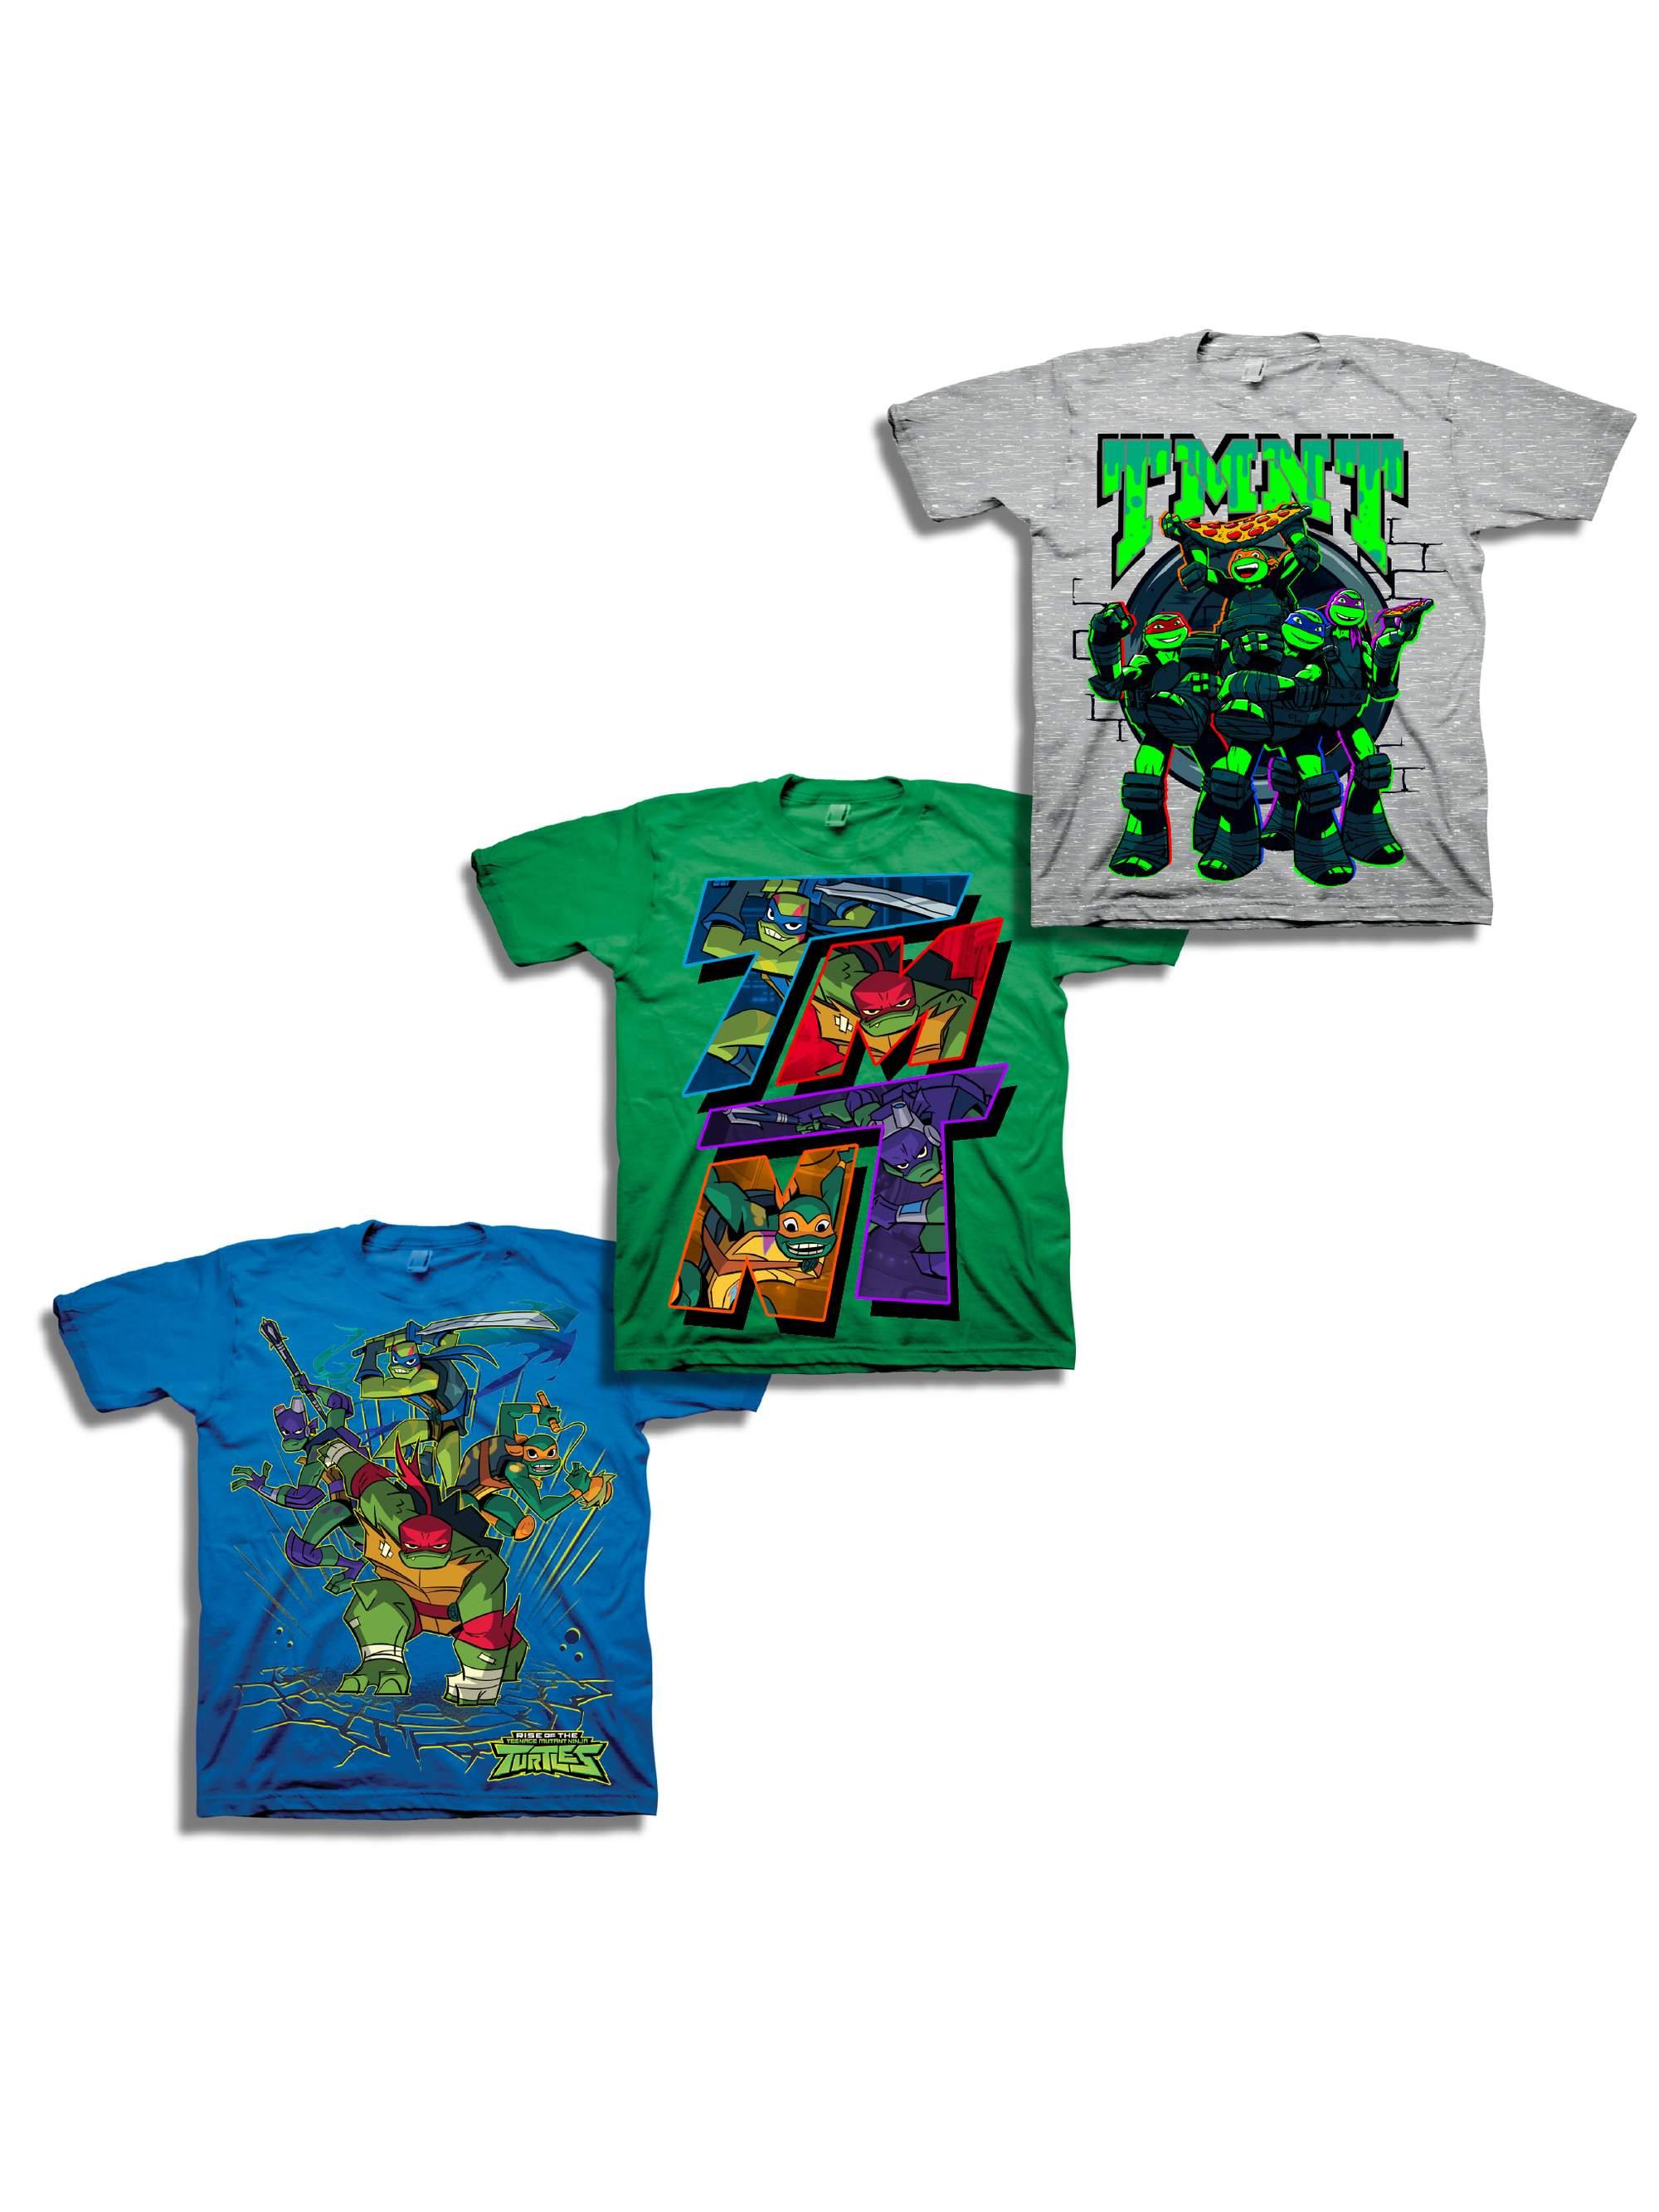 Teenage Mutant Ninja Turtles Short Sleeve Graphic Tee, 3-Pack Set Value Bundle (Little Boys & Big Boys)